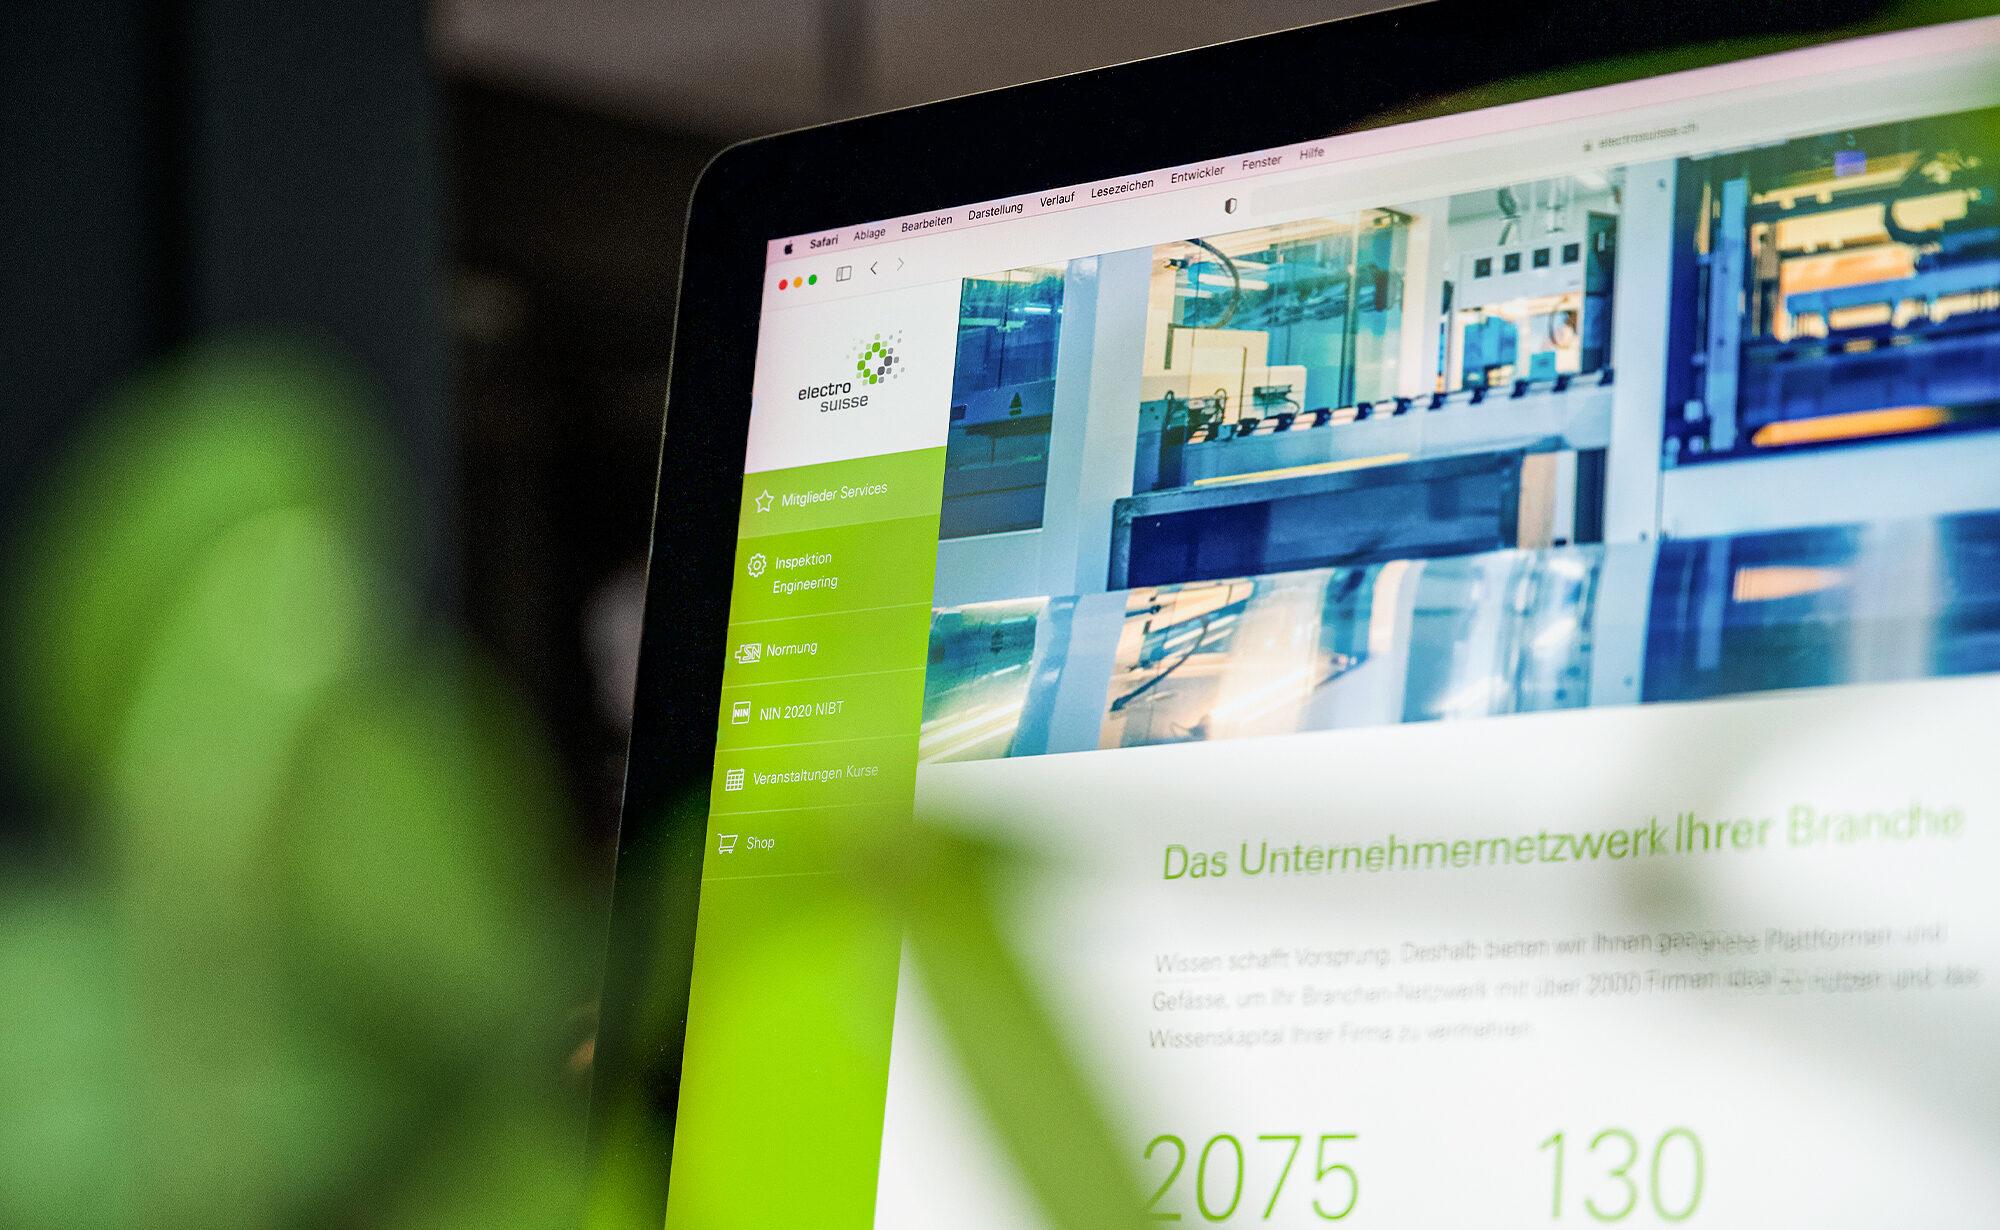 Foto von Electrosuisse Website, Electrosuisse Verband für Elektro-, Energie- und Informationstechnik